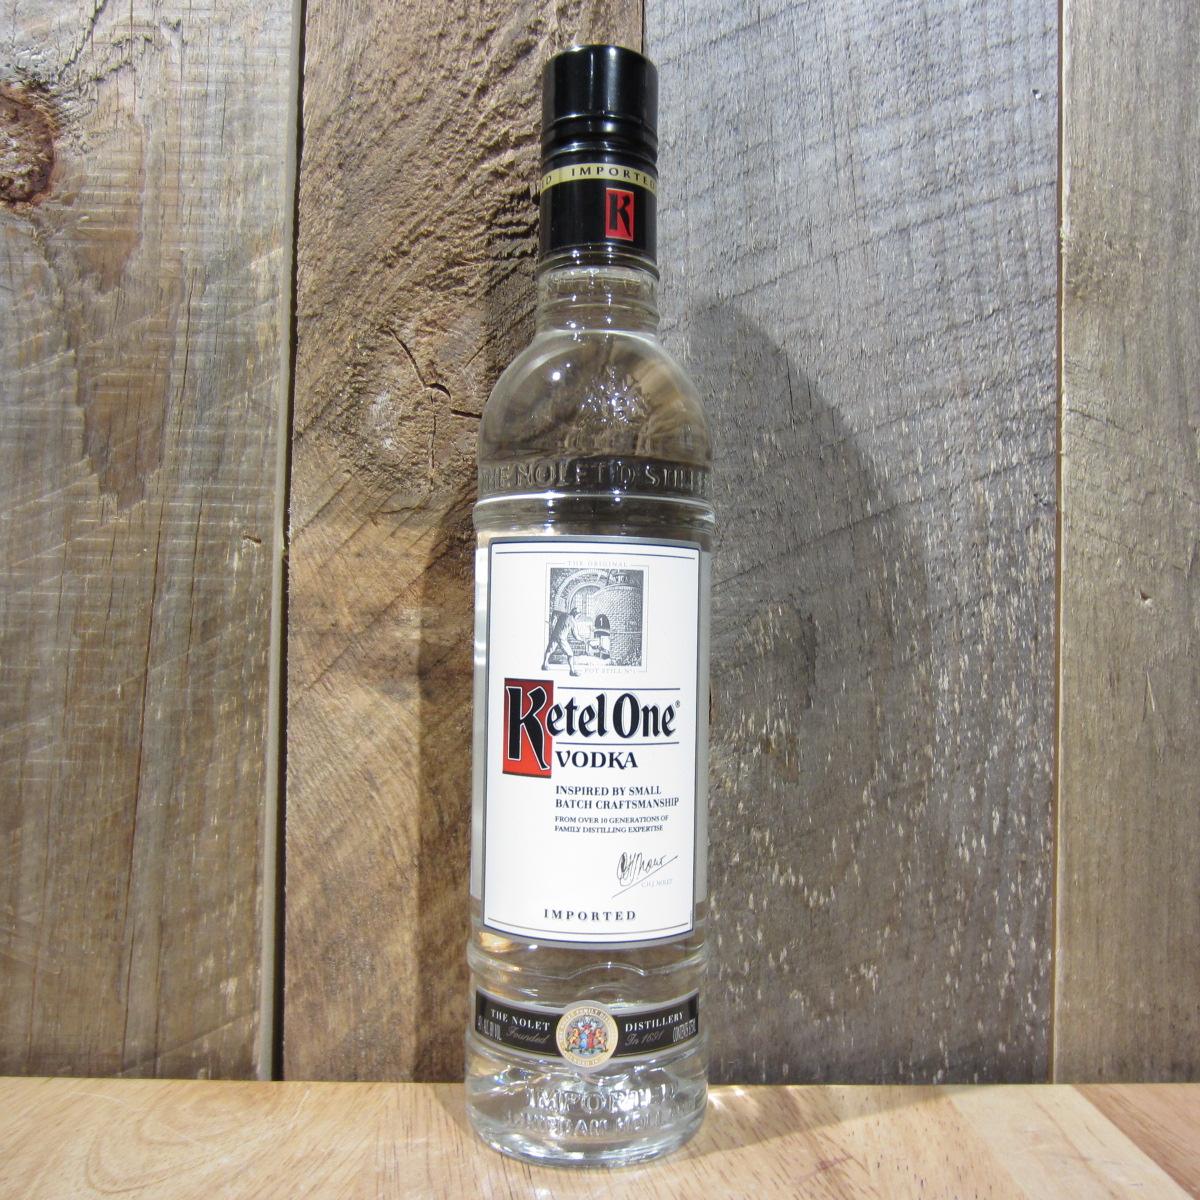 ketel one vodka 375ml half size btl oak and barrel. Black Bedroom Furniture Sets. Home Design Ideas